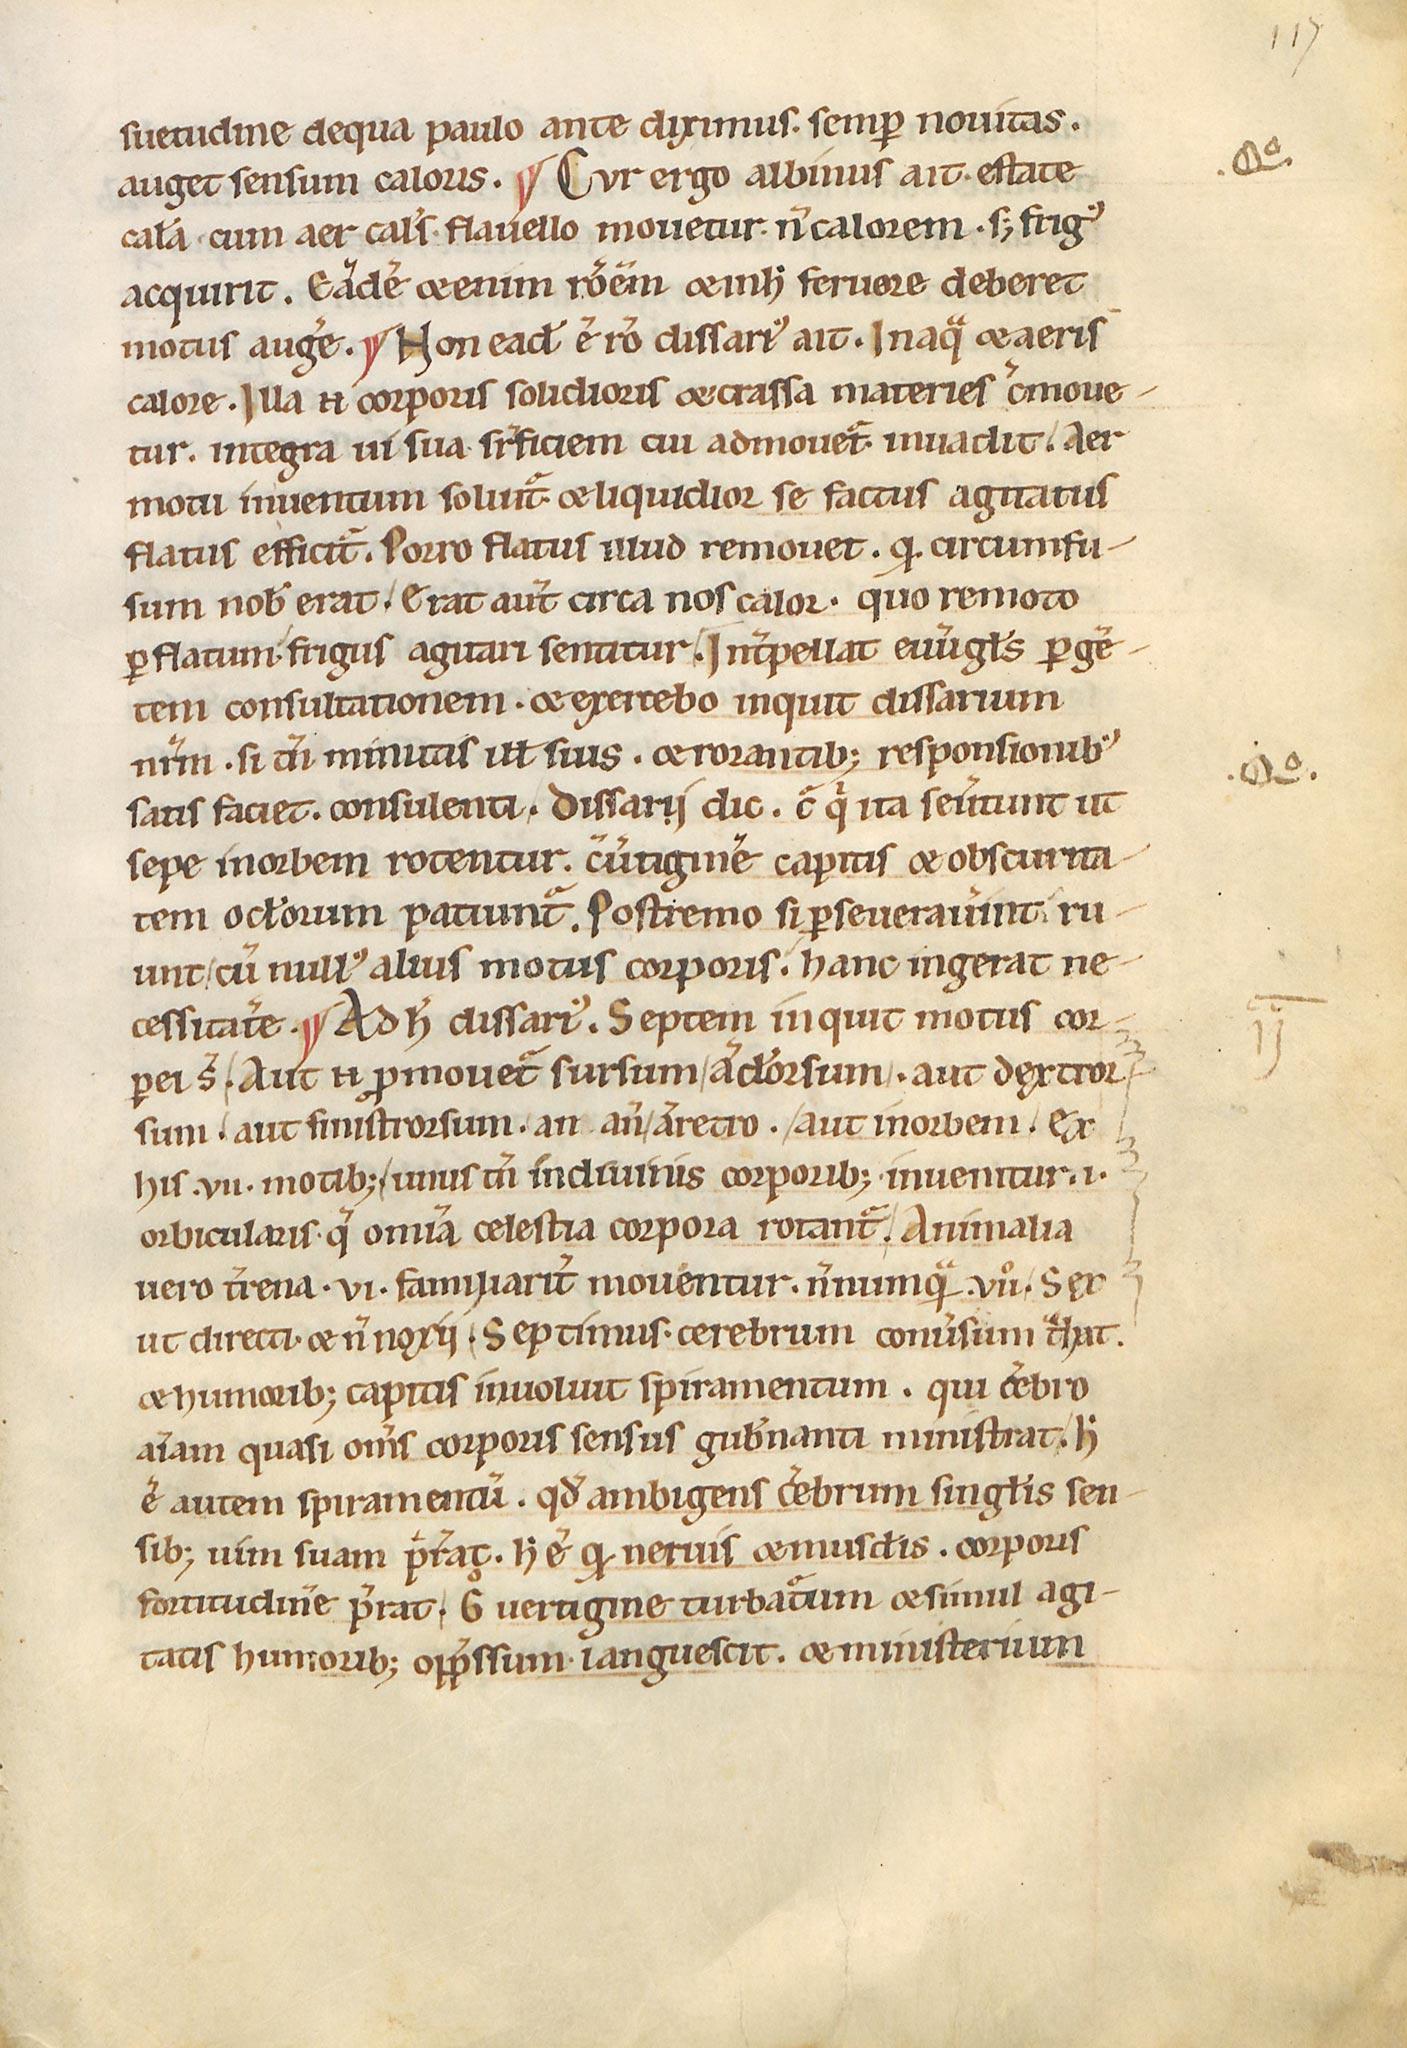 Manuscrit-Saturnales-117r°